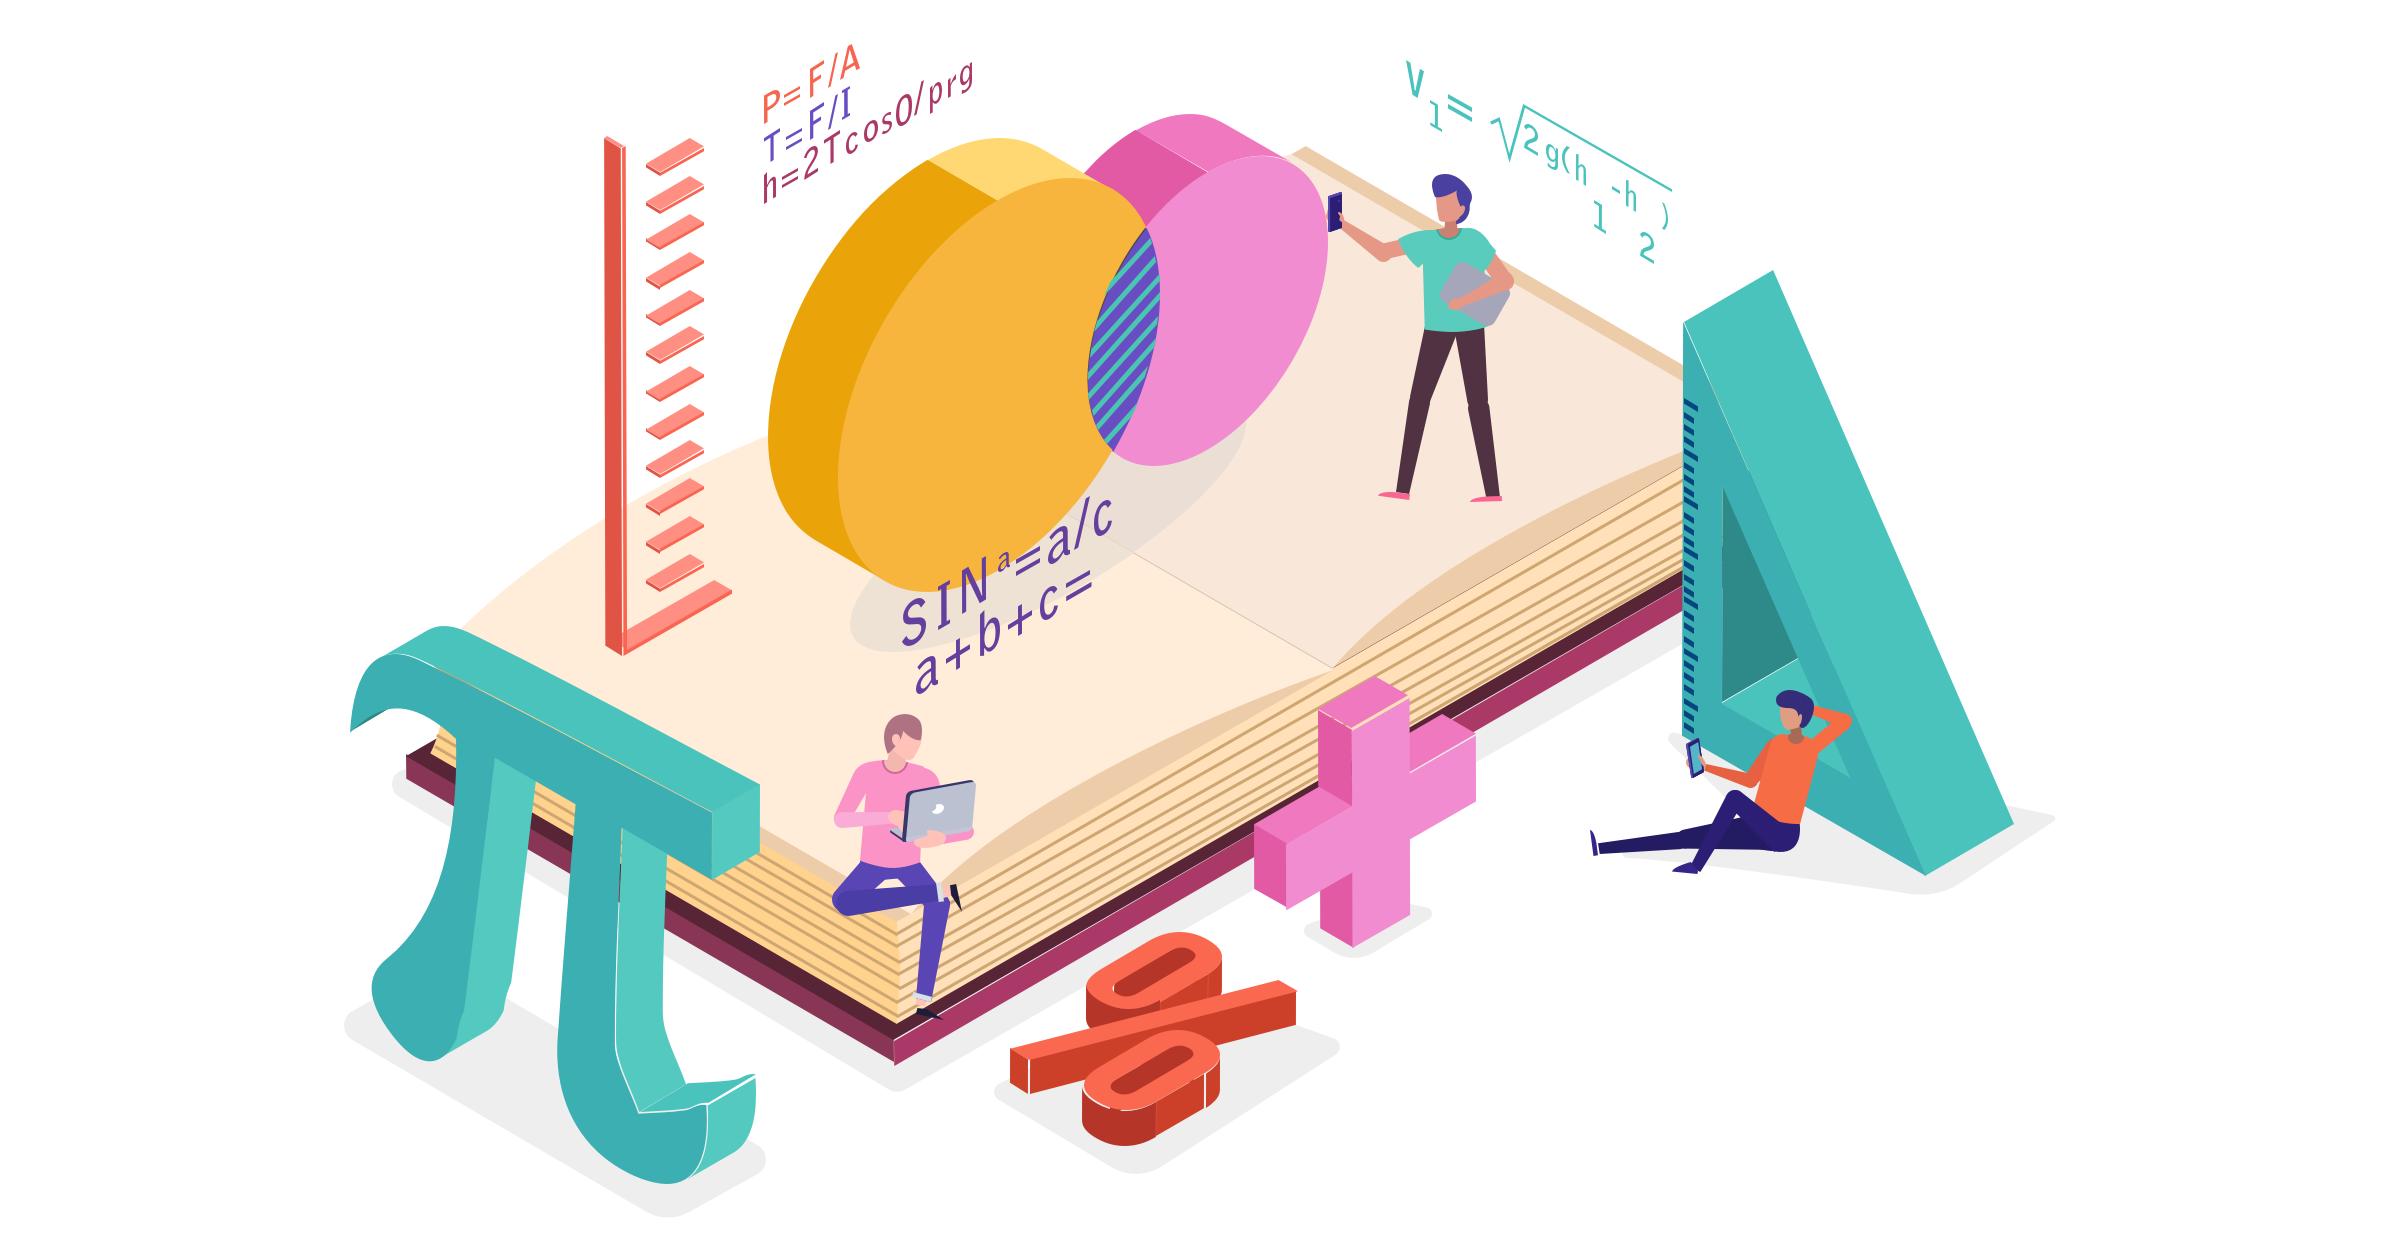 【2020年版】初学者にオススメの機械学習参考書3選〜数学基礎編〜